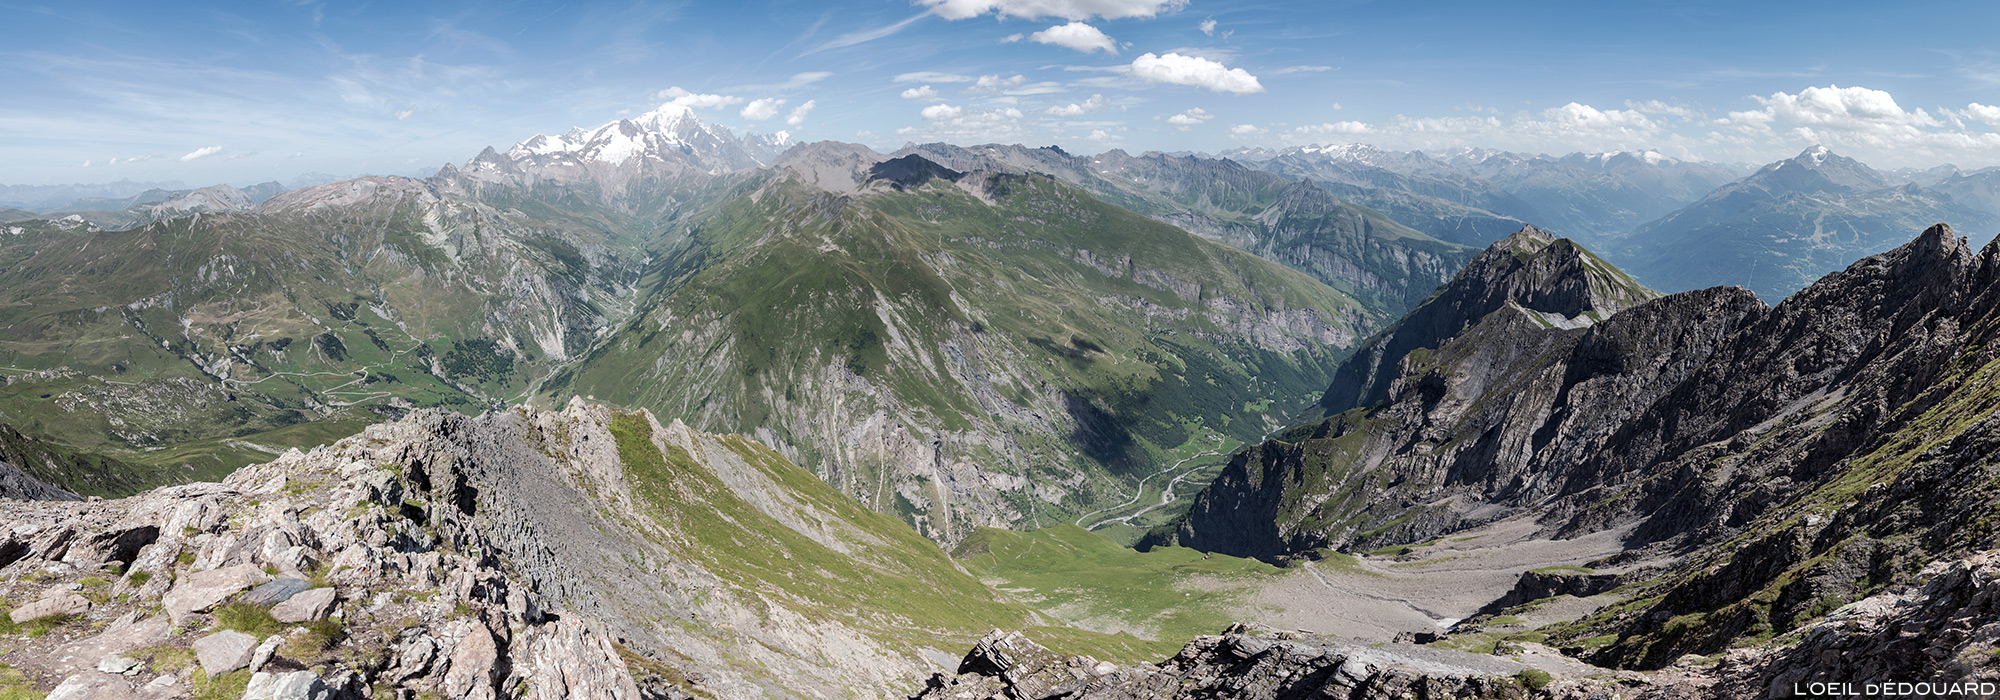 Vista do maciço do Mont Blanc do topo do terraço, paisagem montanhosa dos Alpes Le Beaufortain Savoie